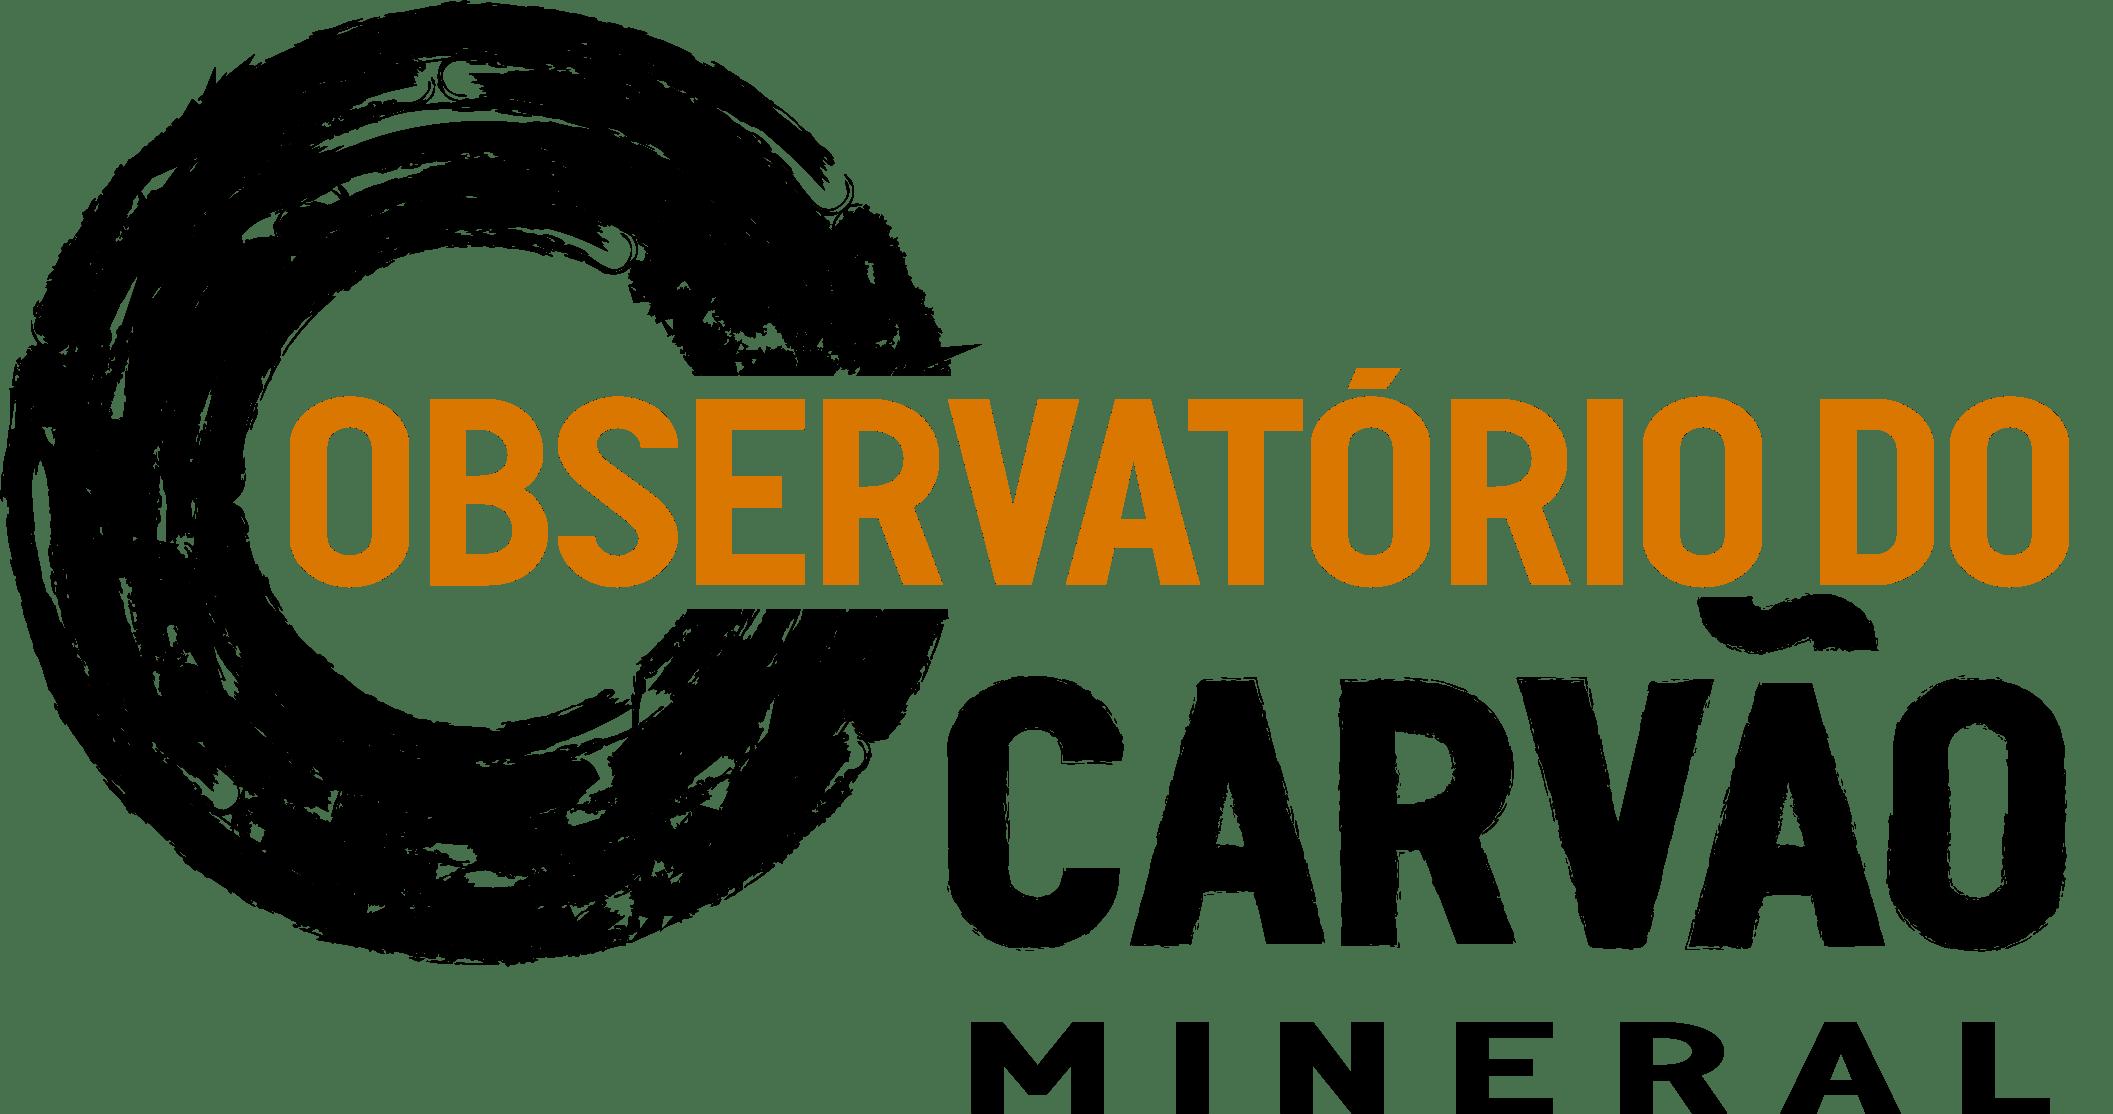 Observatório do Carvão